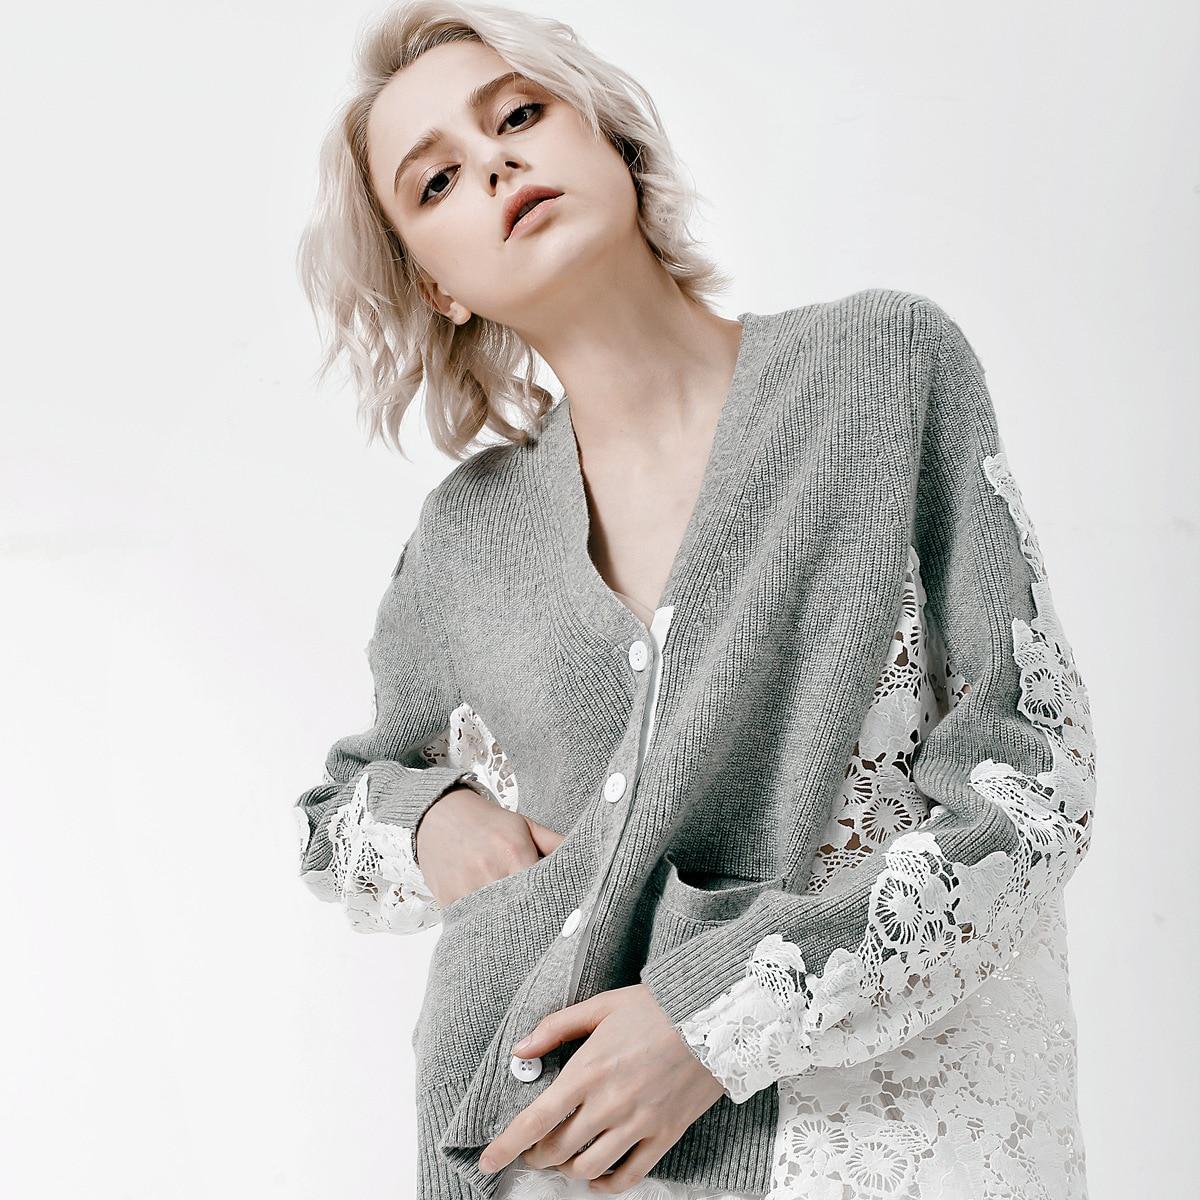 2018 automne et hiver station européenne retour manches couture dentelle soluble dans l'eau dames cardigan chandail manteau femme